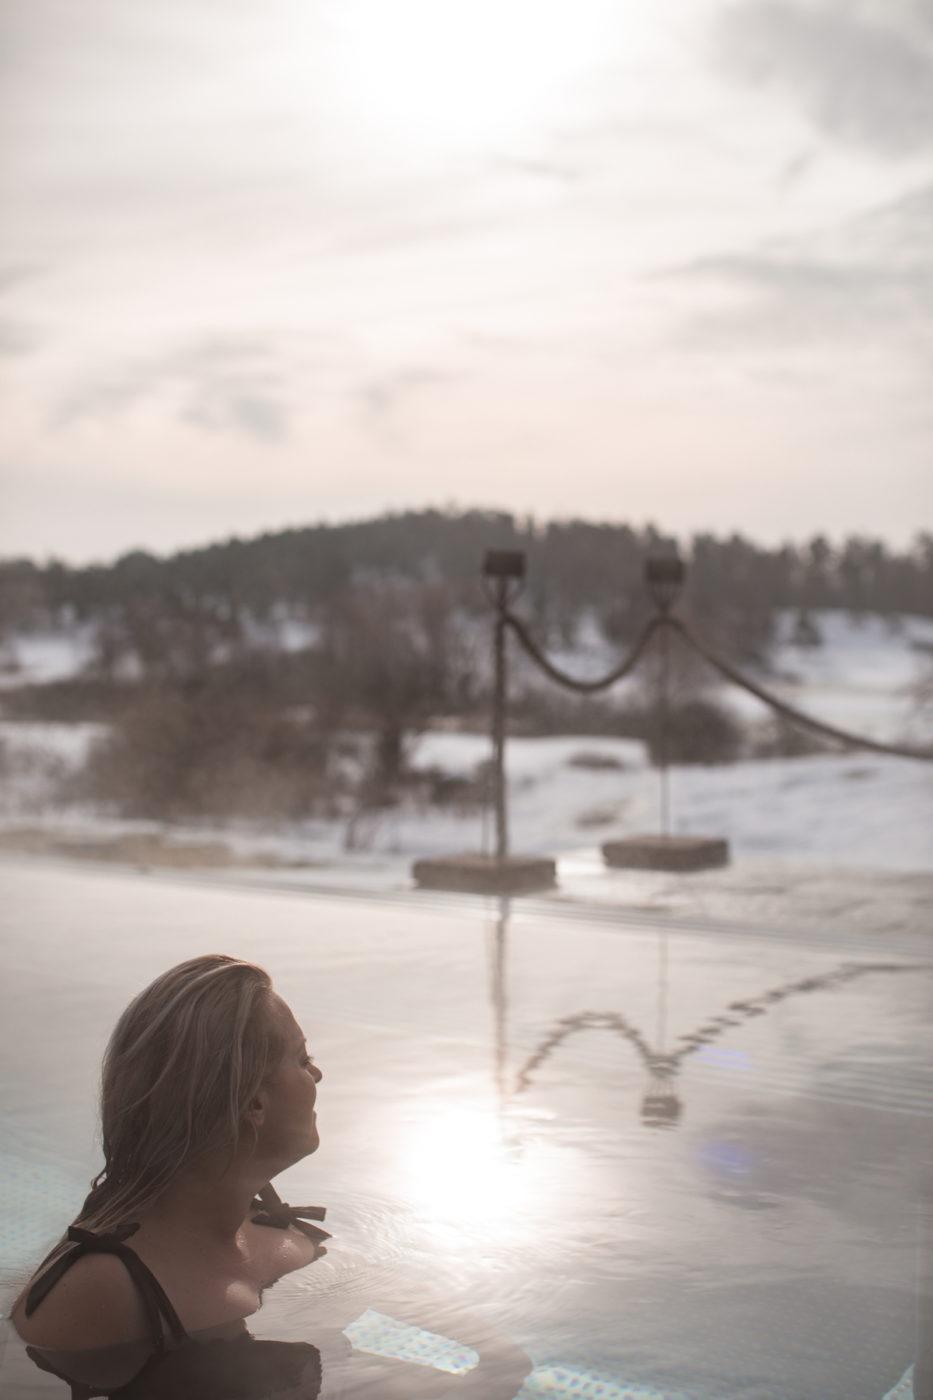 Elin njuter i den uppvärmda poolen.på Fågelbrohus. Hon har ansiktet mot solen.